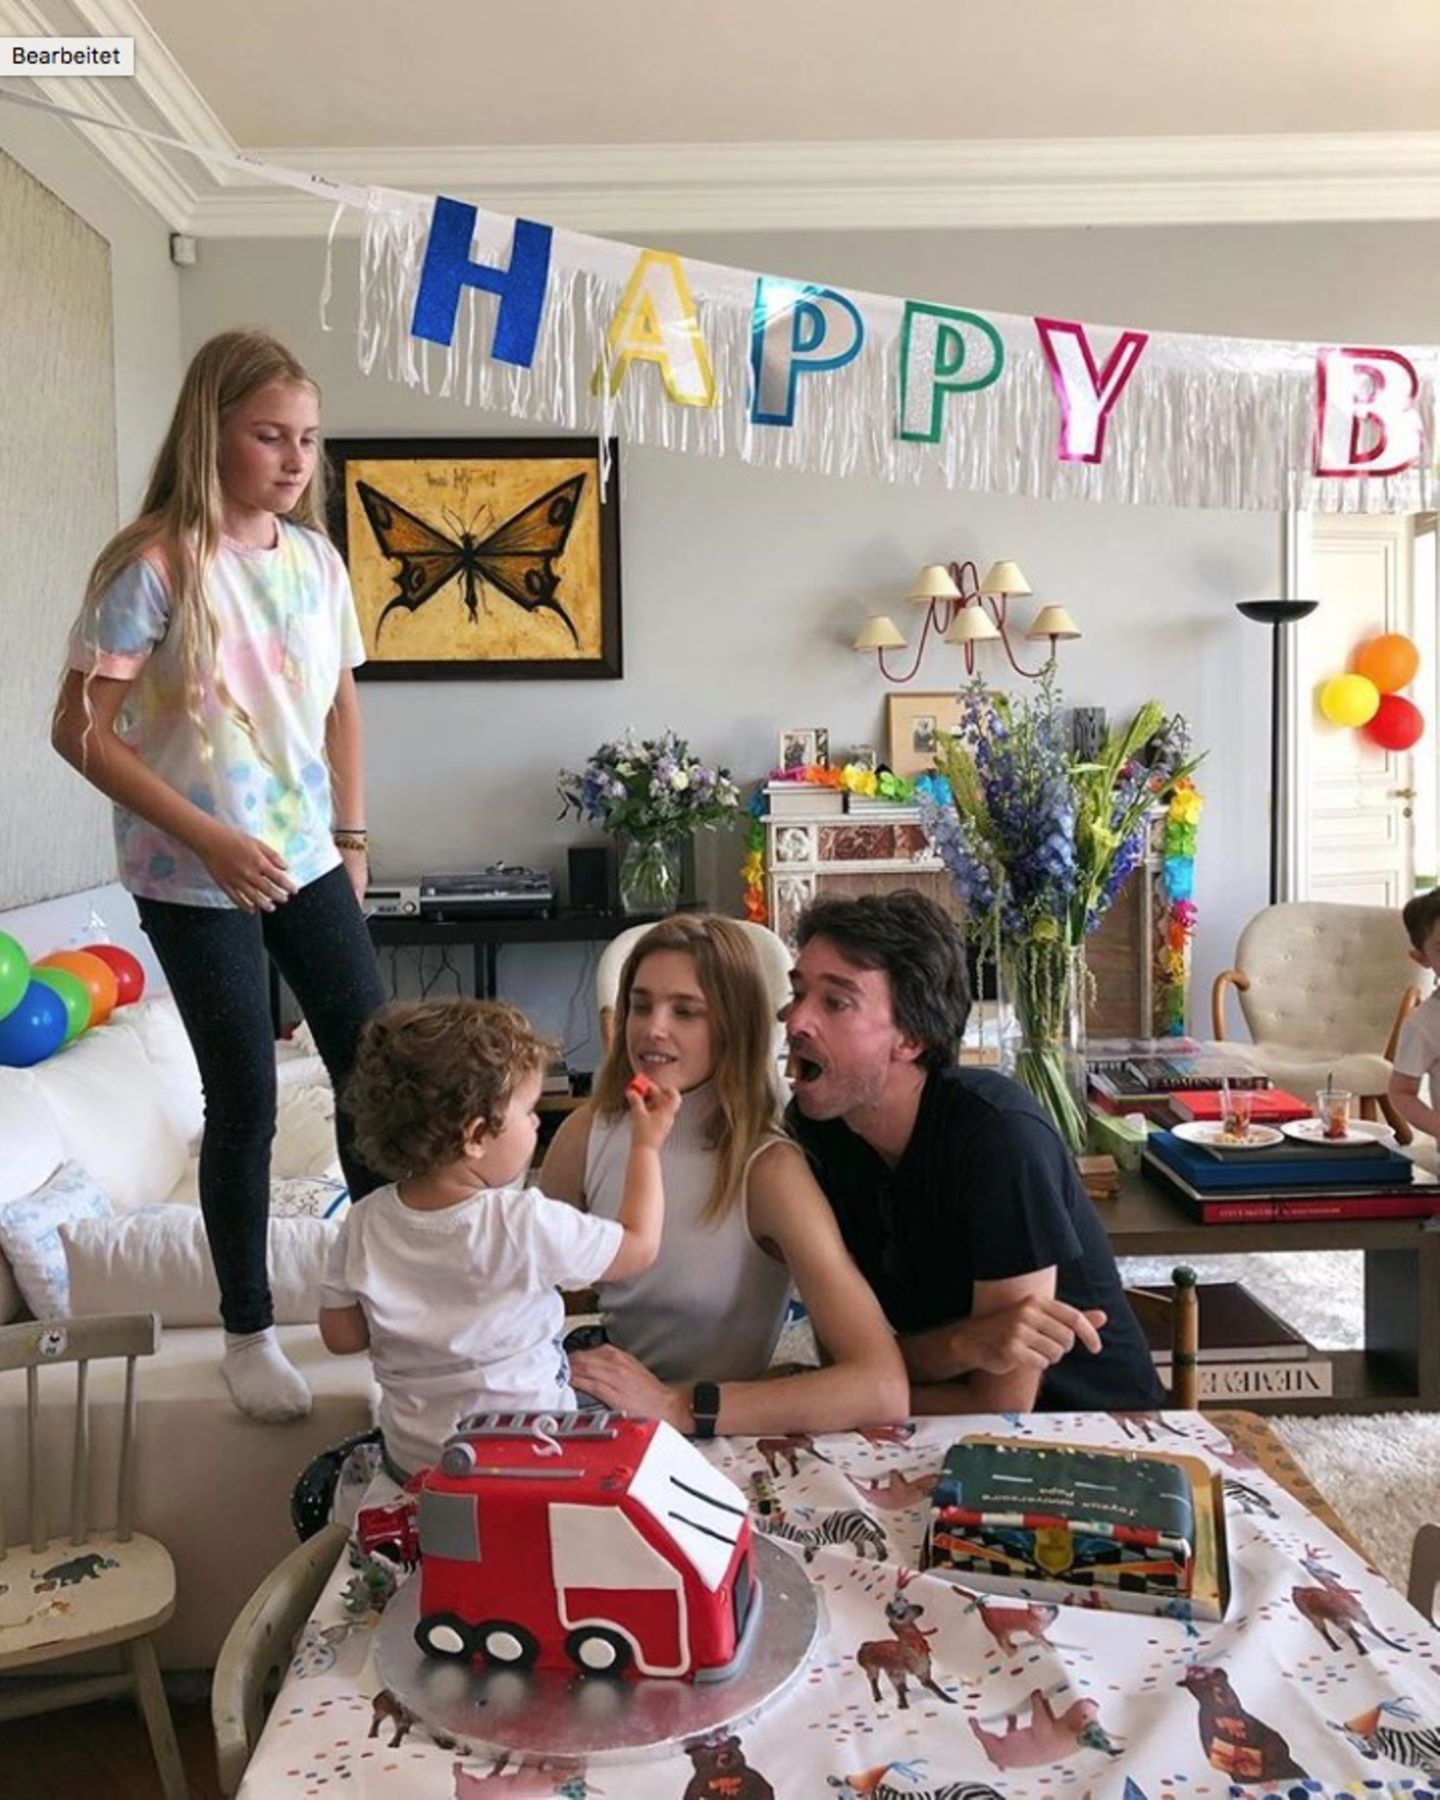 7. Juni 2018  Model Natalia Vodianova und Ehemann Antoine Arnault freuensich, dass die kleine Geburtstagsparty für Söhnchen Roman, er ist zwei Jahre alt geworden, ein echter Erfolg geworden ist. Kein Wunder, bei der liebevollen Dekoration.